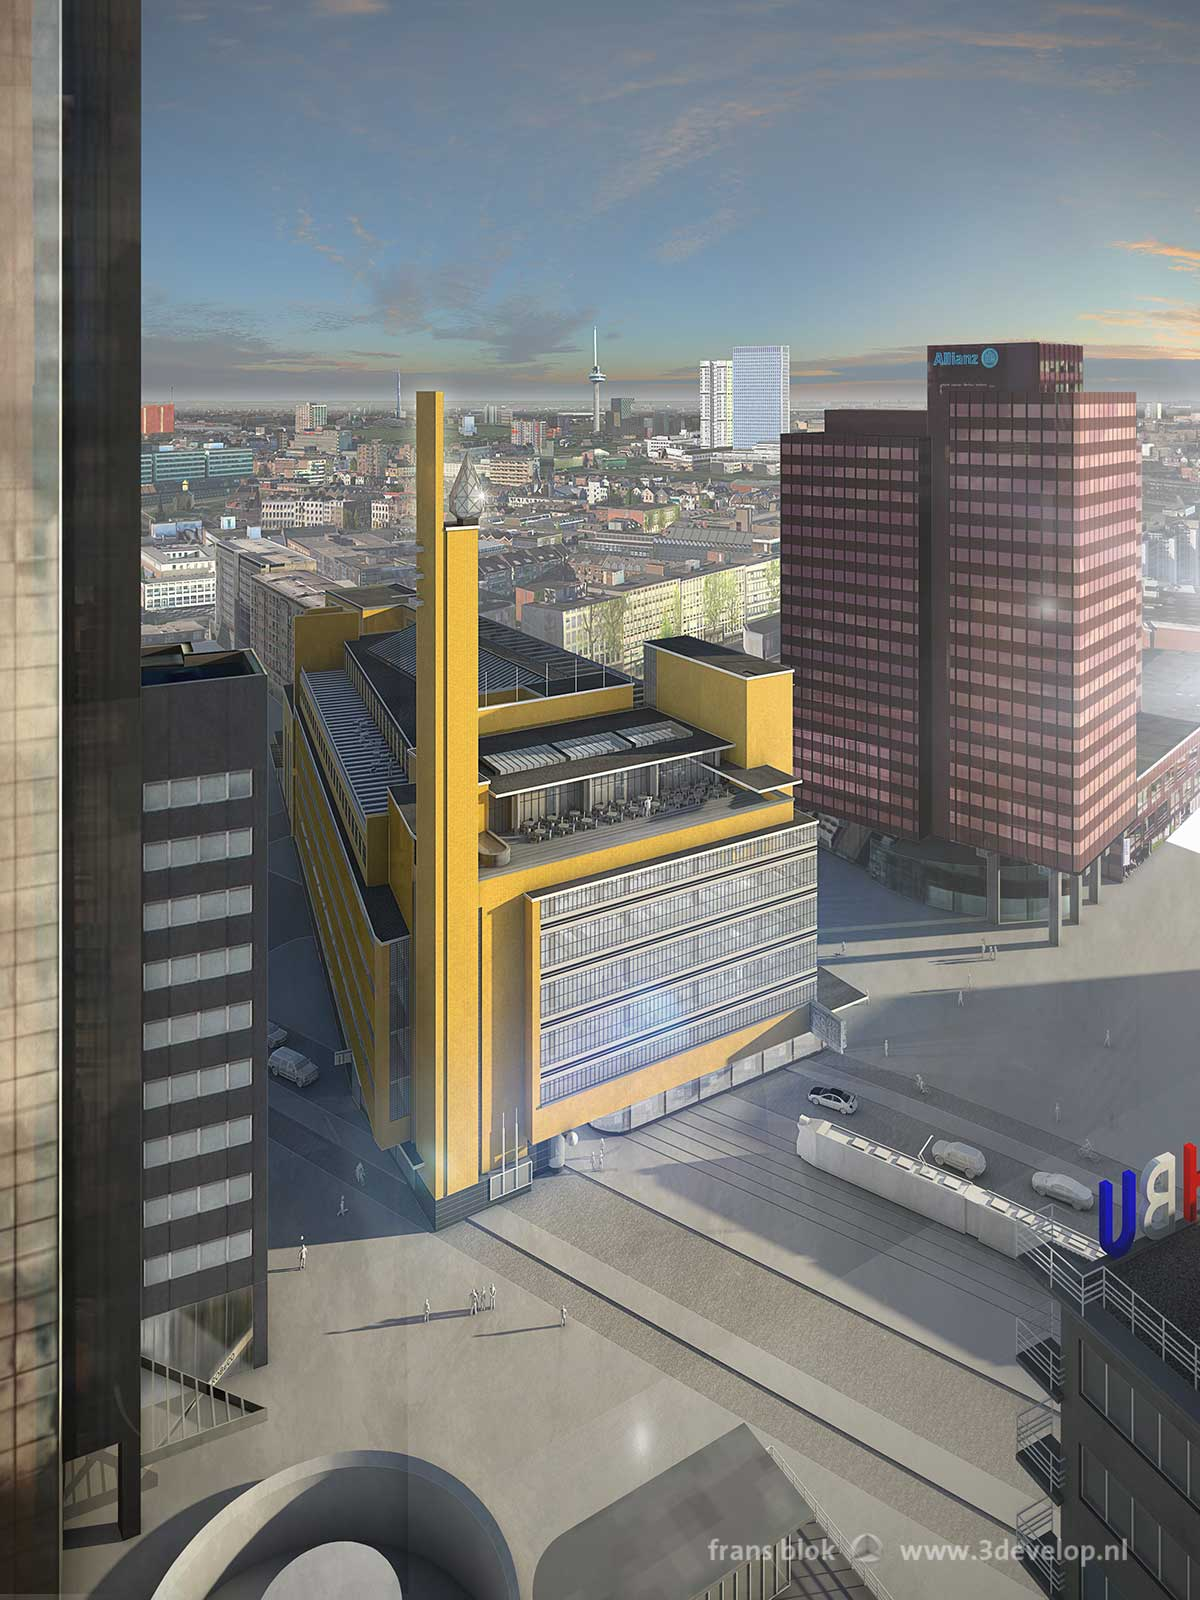 De verdwenen oude Bijenkorf van architect Dudok in Rotterdam op zijn oorspronkelijke locatie op Coolsingel,Westblaak en Churchillplein, gezien vanuit de Schielandtoren en omgeven door hedendaagse hoogbouw